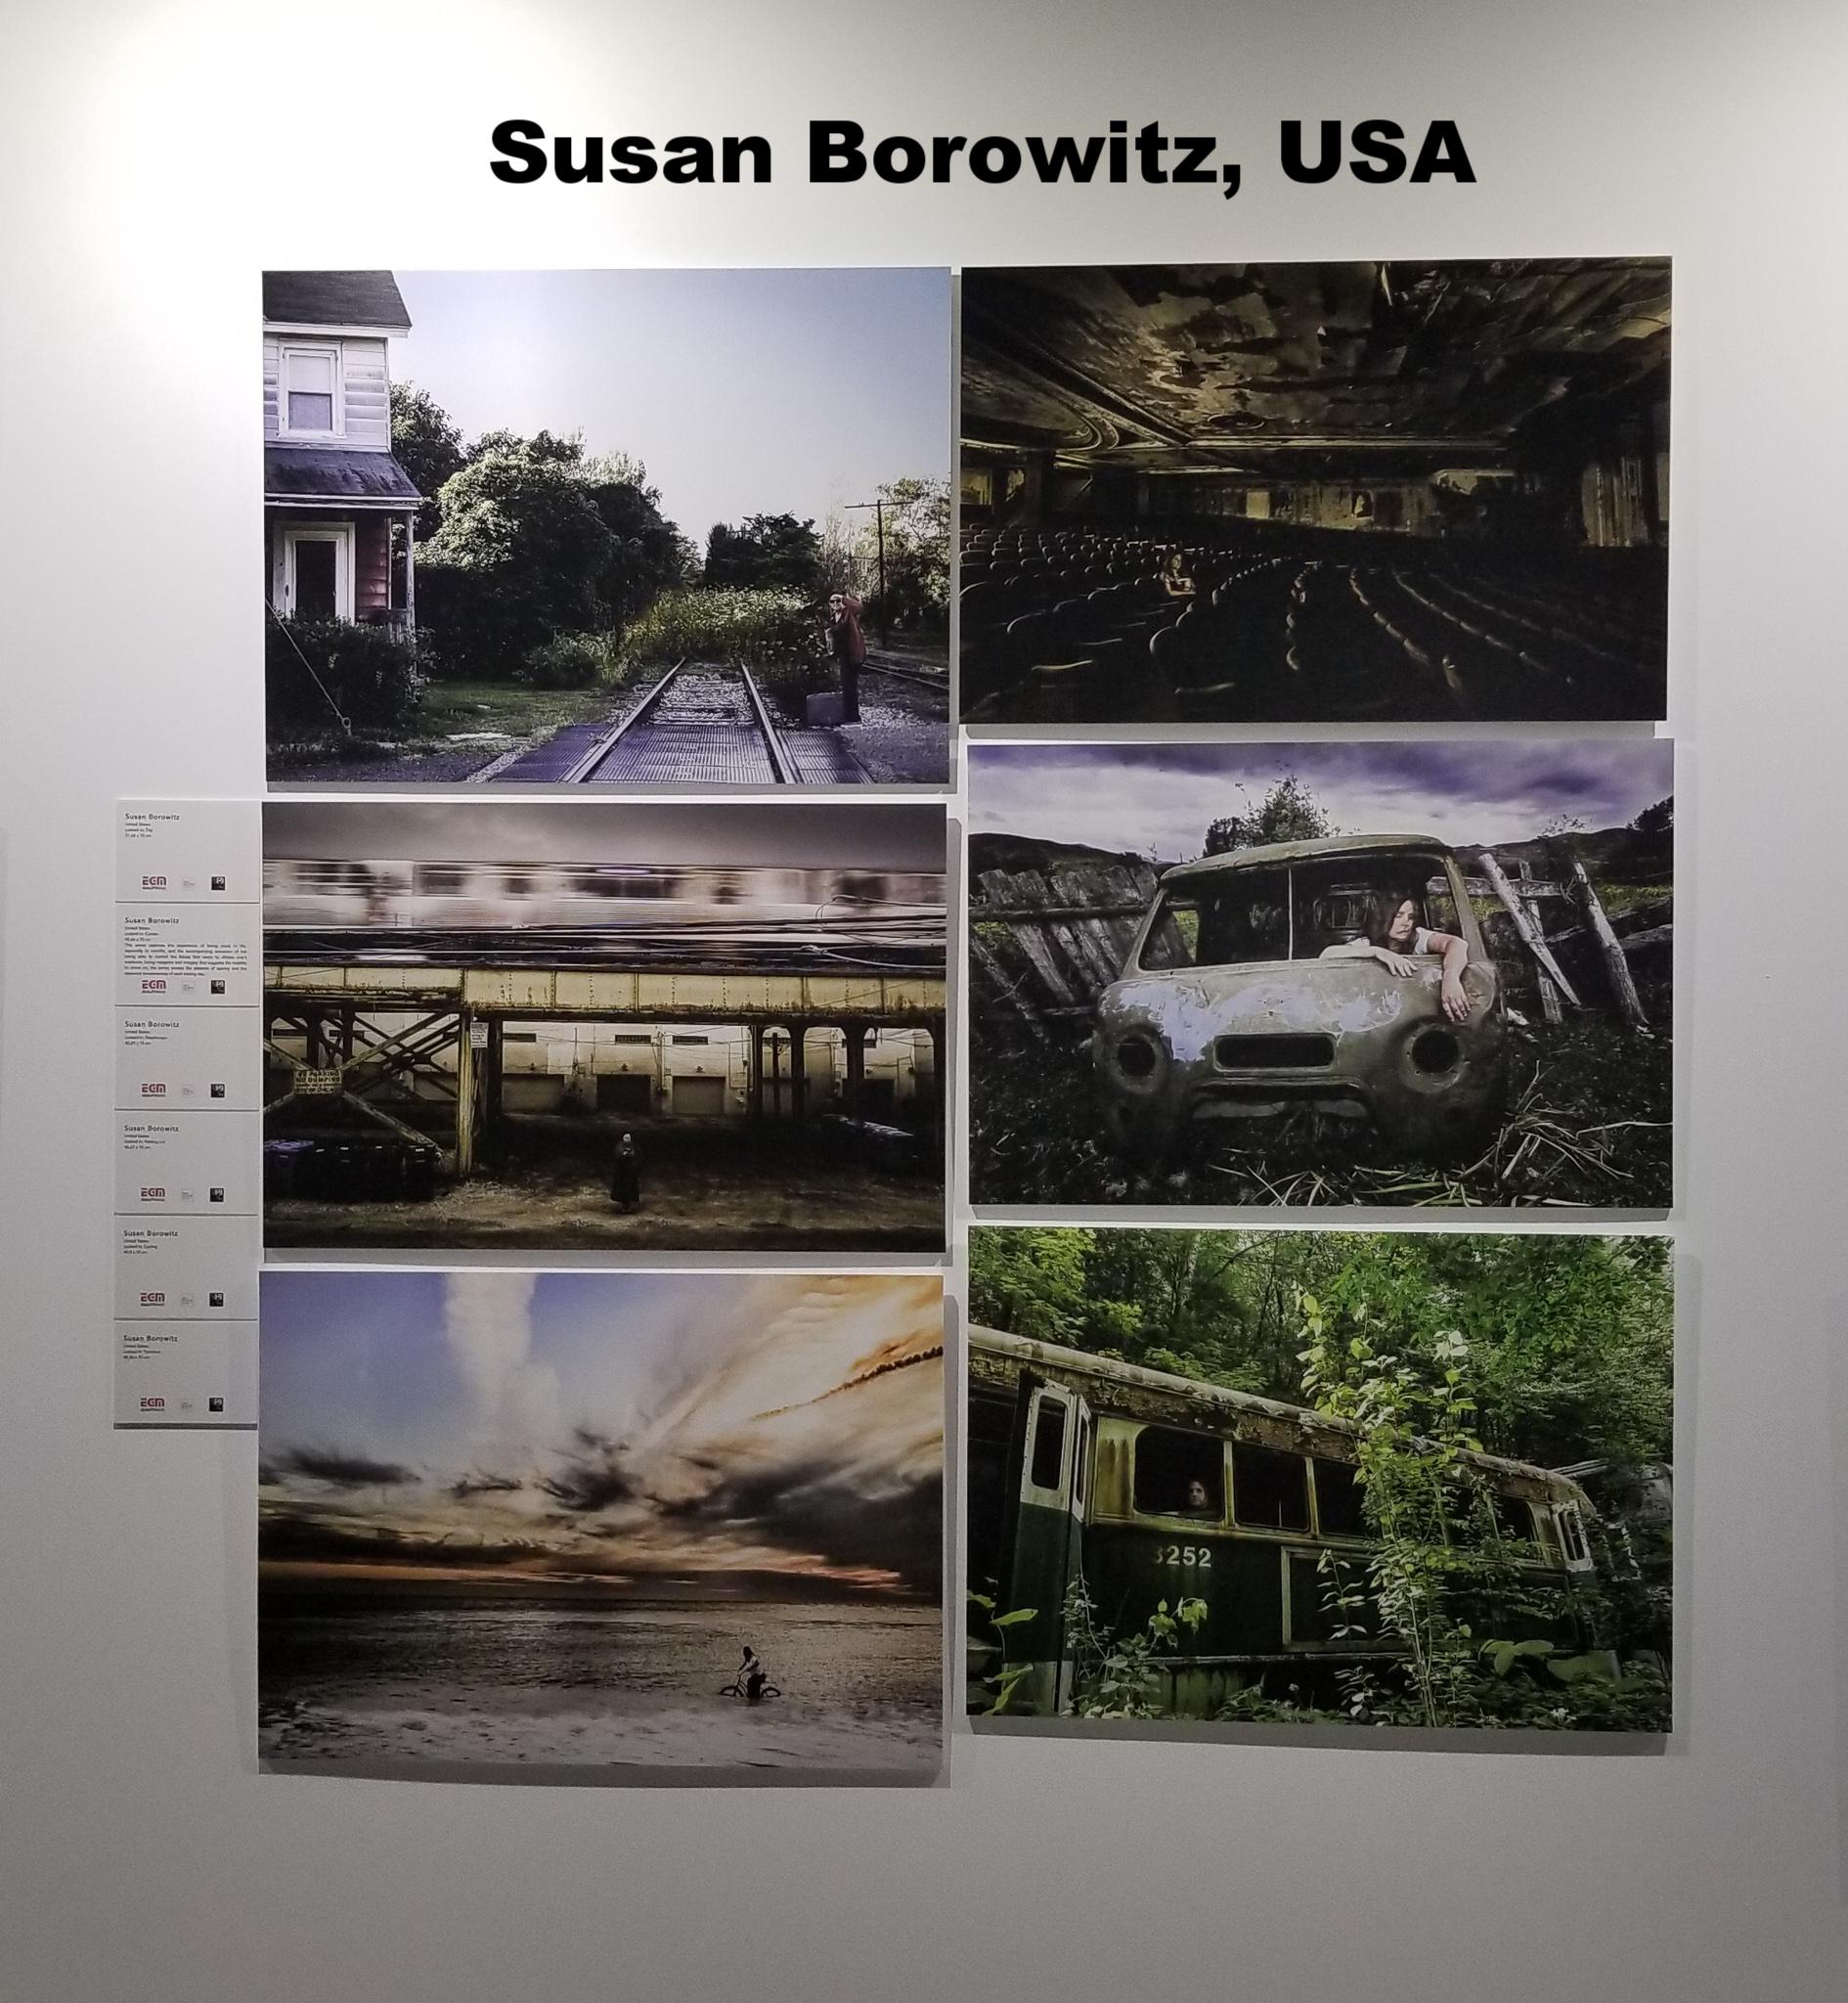 Susan Borowitz, United States